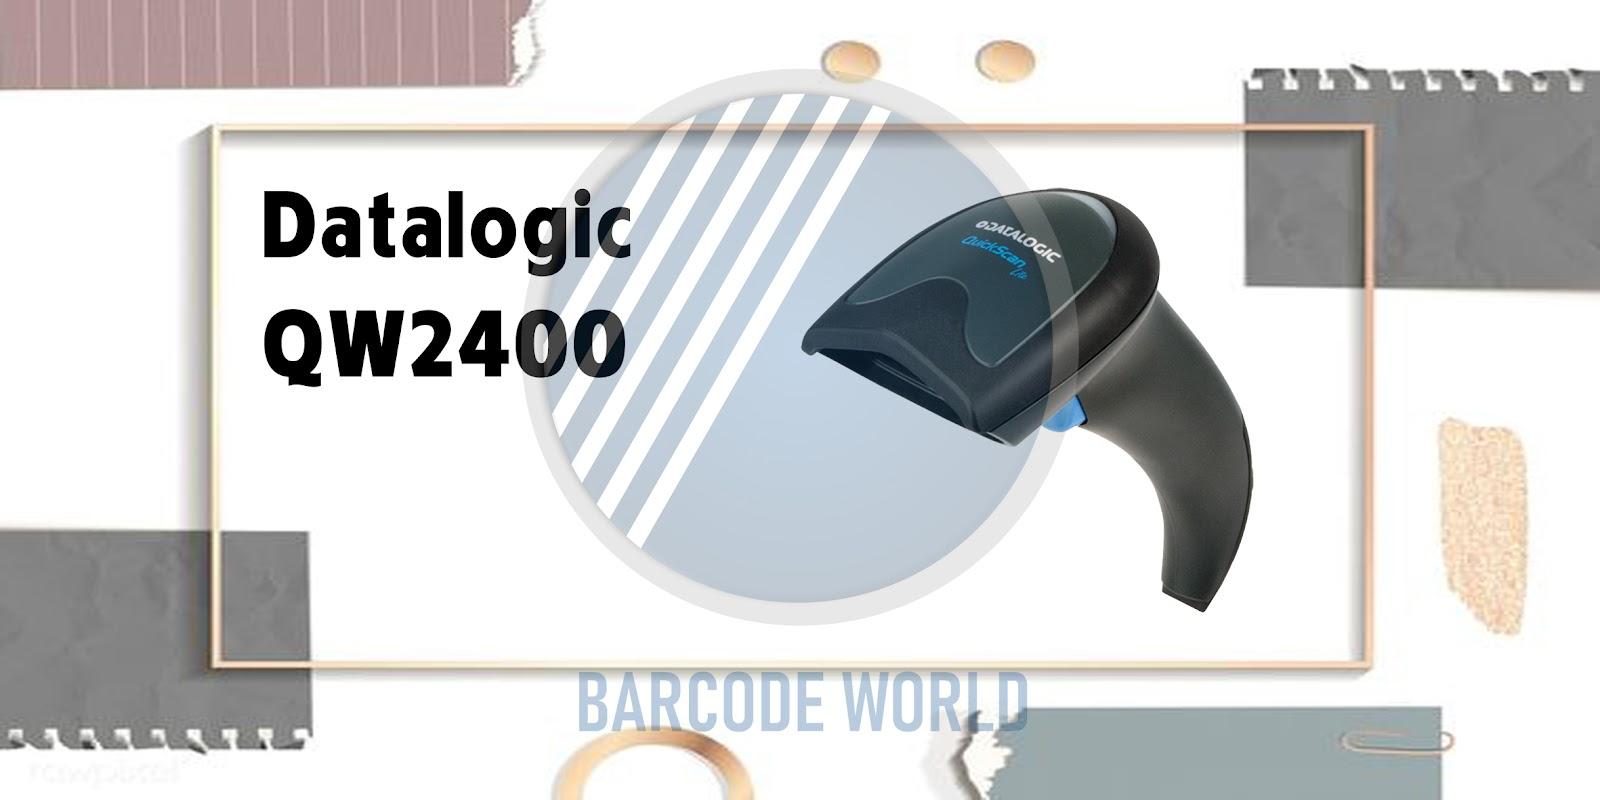 Máy quét barcode Datalogic QW2400 phù hợp cho bệnh viện, y tế I Thế Giới Mã Vạch